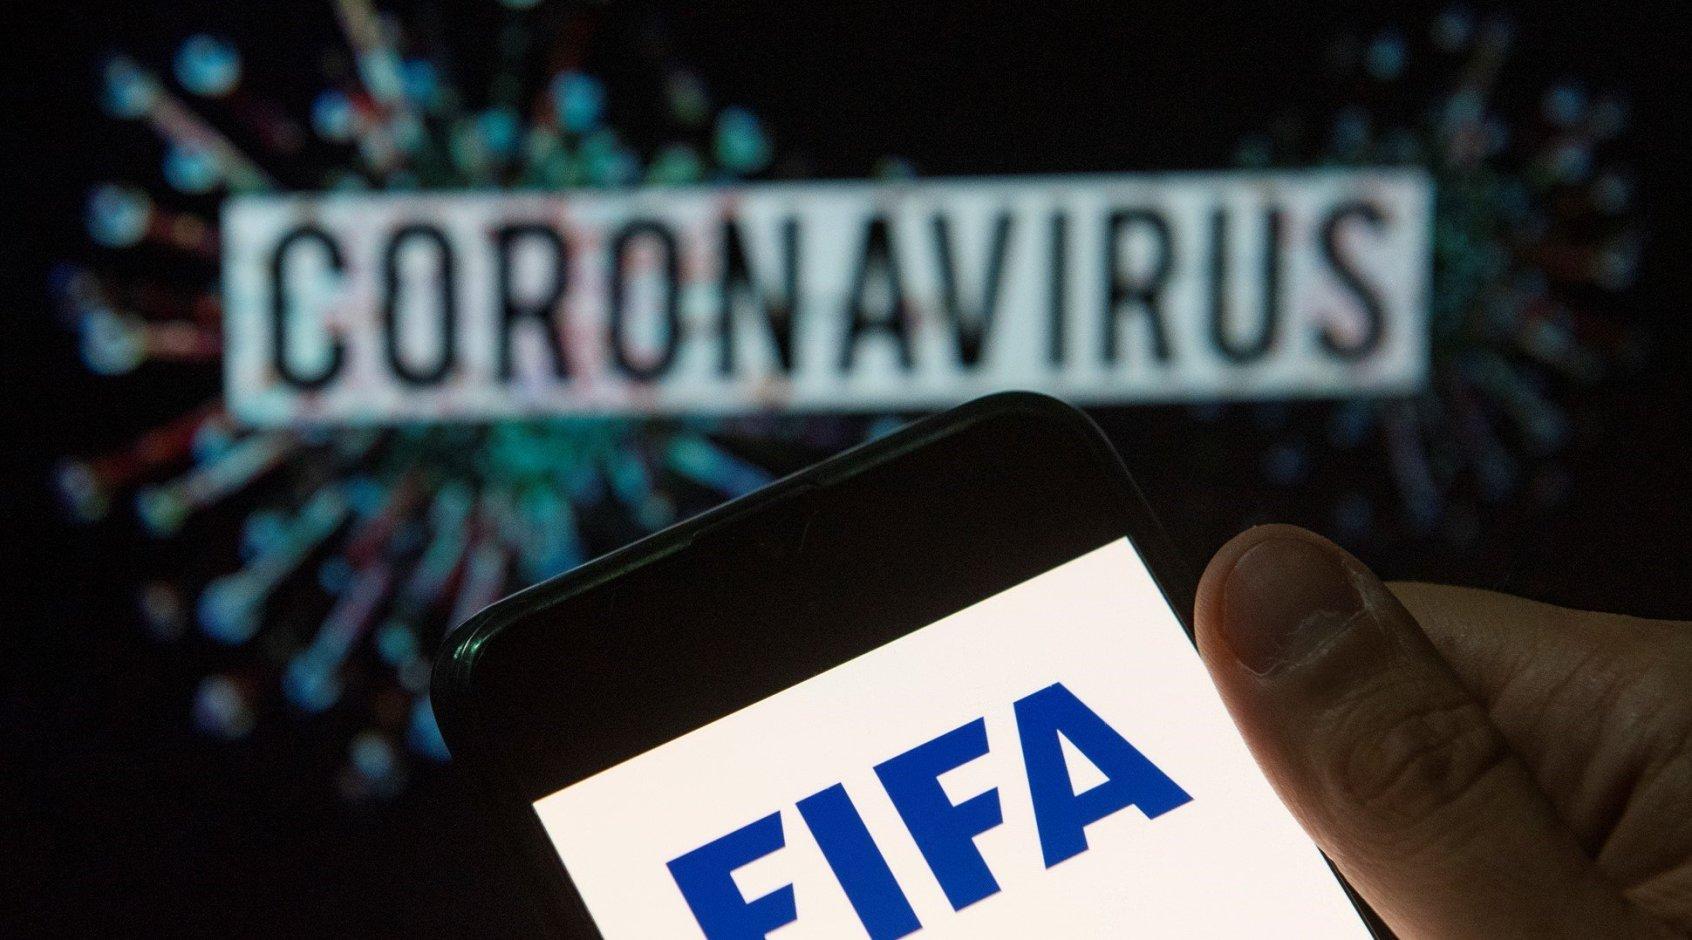 Коронавірус: лист ФІФА щодо плювання під час матчів та покарання за такі дії